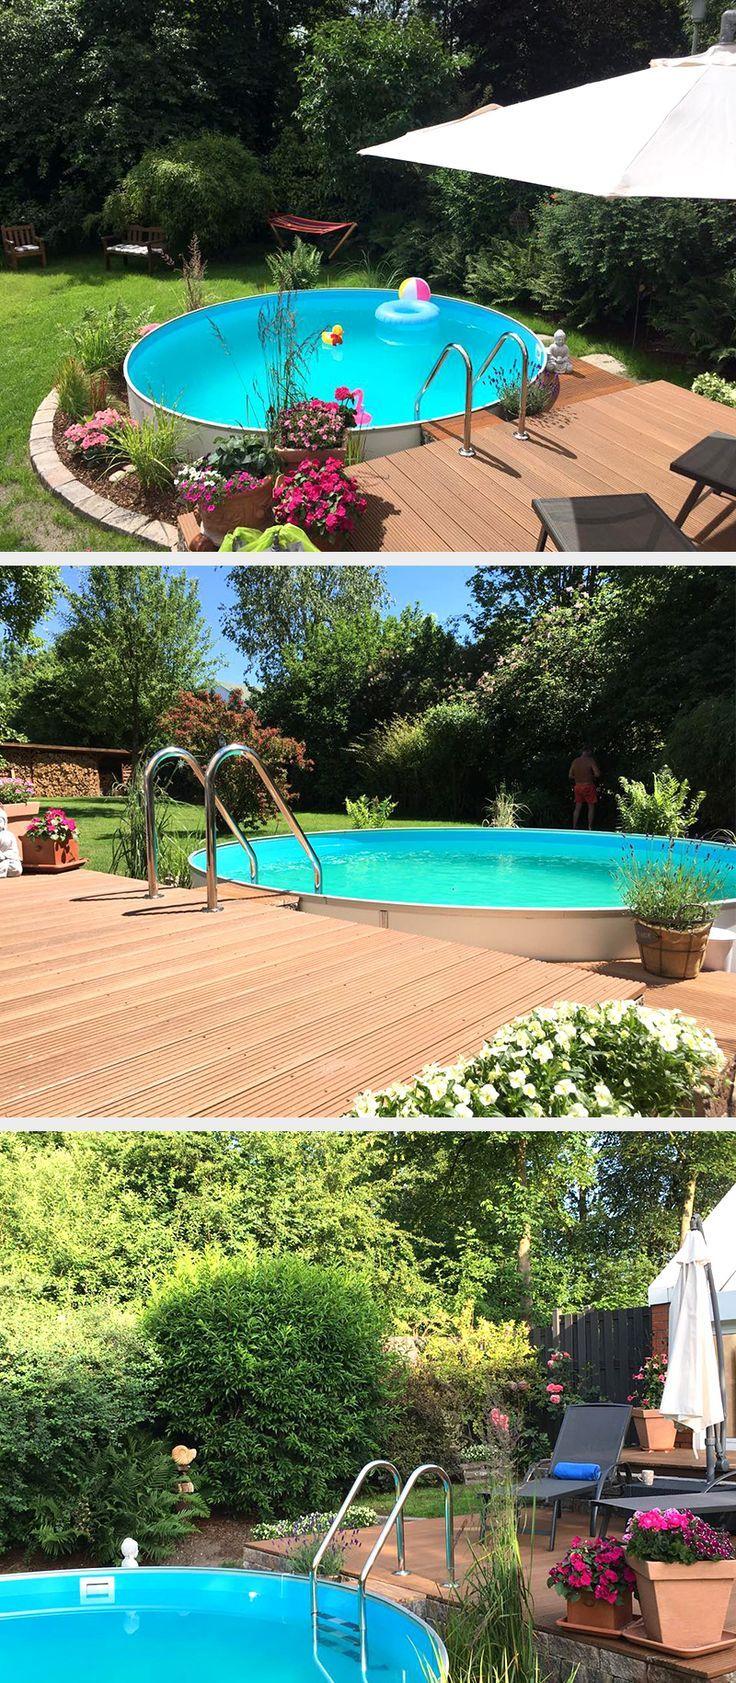 Dieser traumhafte Gartenpool lässt den Alltagsstress wie von selbst vergehen. In unserem Shop finden Sie ebendiese mit robustem, langlebigem Aluminiu… – POOLSANA GmbH & Co. KG